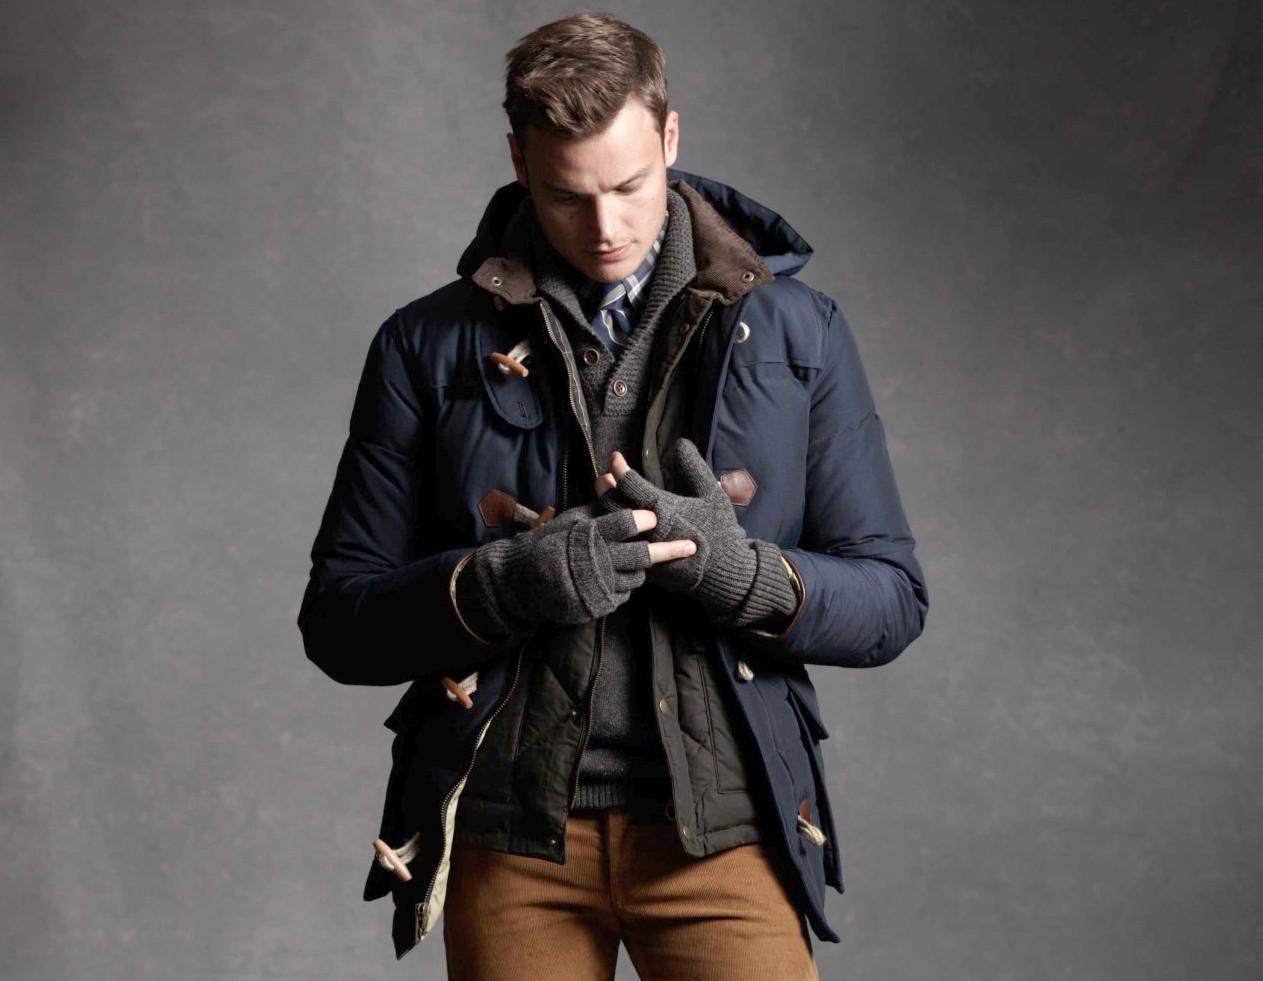 мужчина в зимней одежде картинки пиксели определить